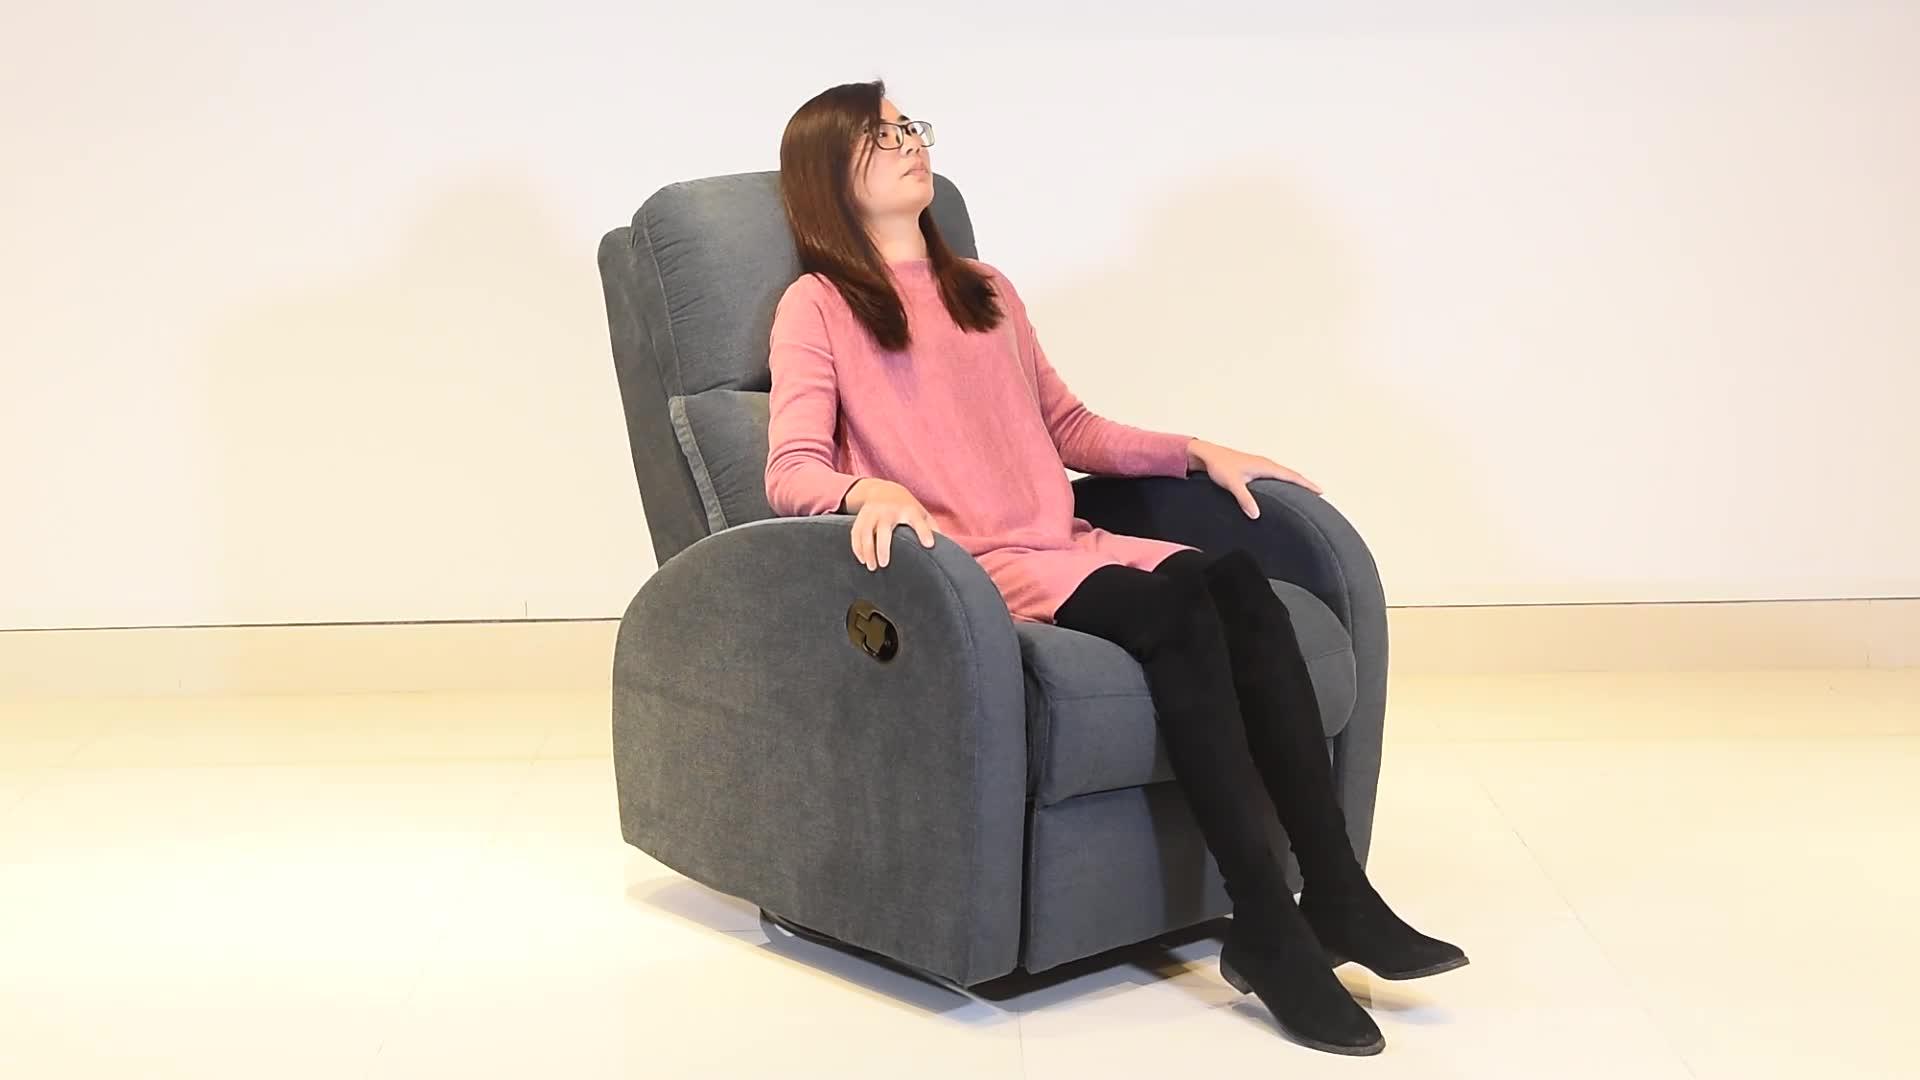 Venda por atacado moderna sala de estar cinema único elevador giratório massagem elétrica cadeira reclinável sofá de couro genuíno